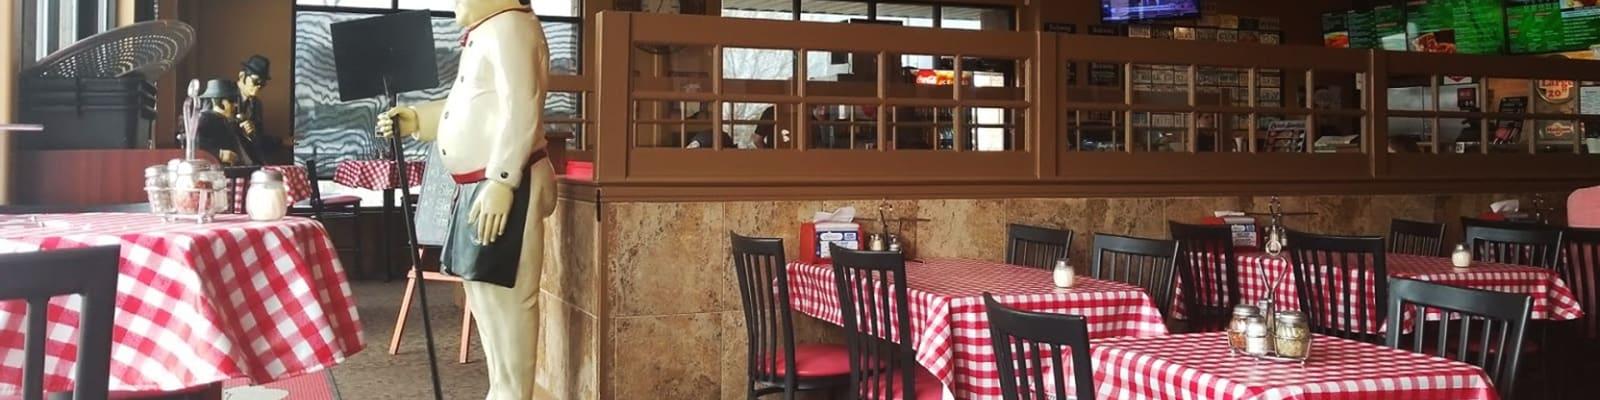 Pizzerias Interior Design Ideas and Guide